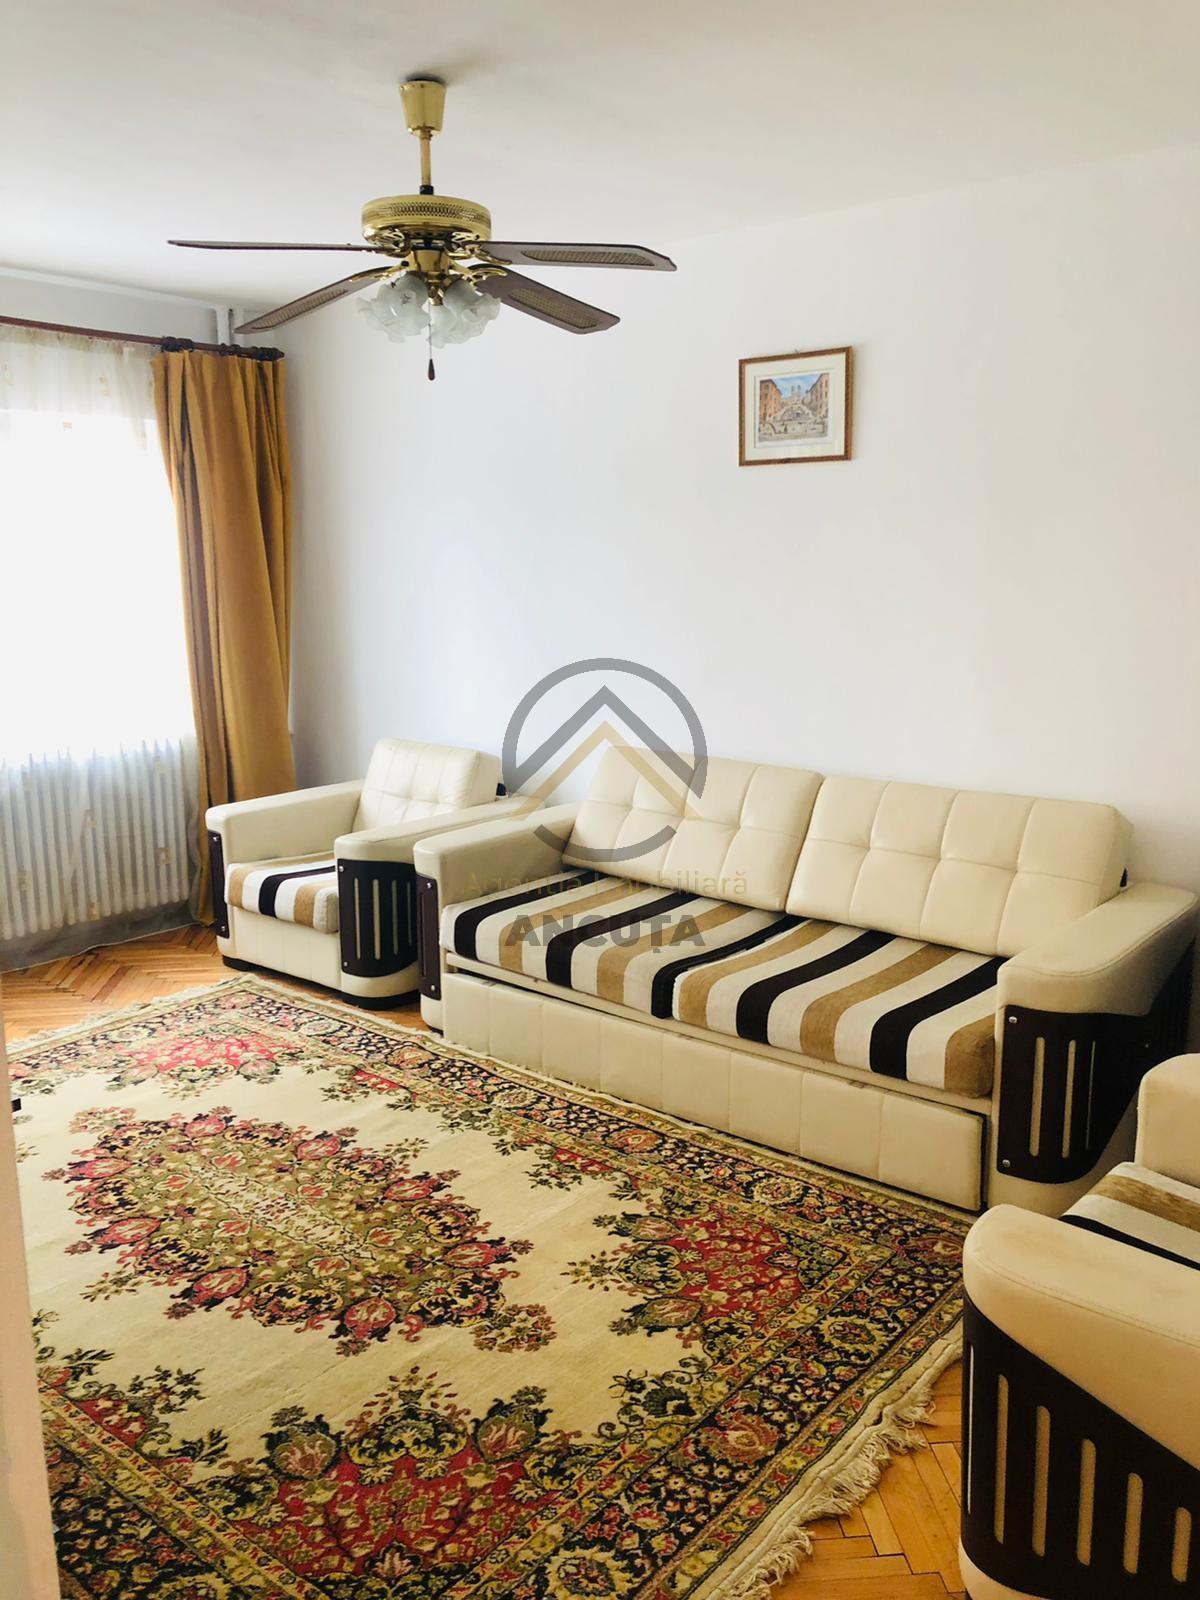 189377-Inchiriere apartament 2 camere, Marasti, Cluj-Napoca